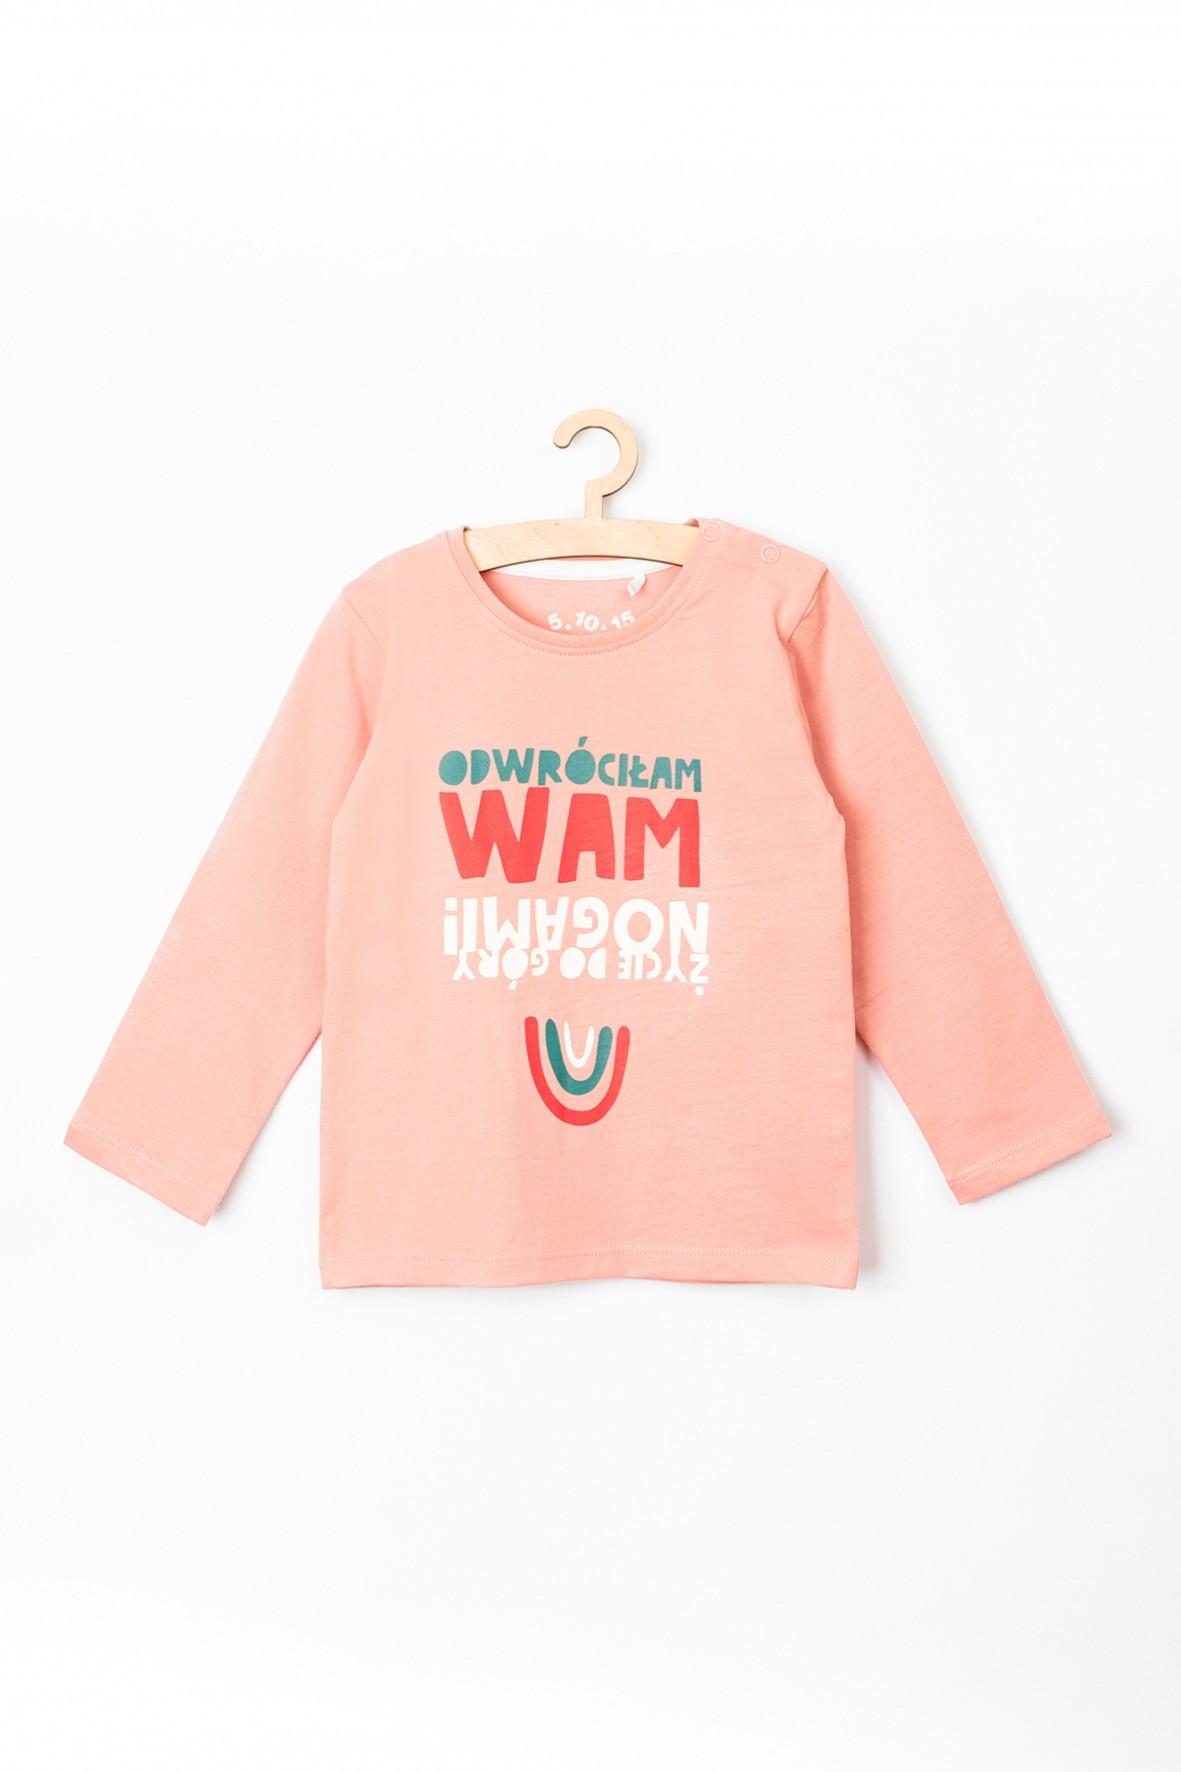 Bluzka niemowlęca dla dziewczynki z zabawnym napisem